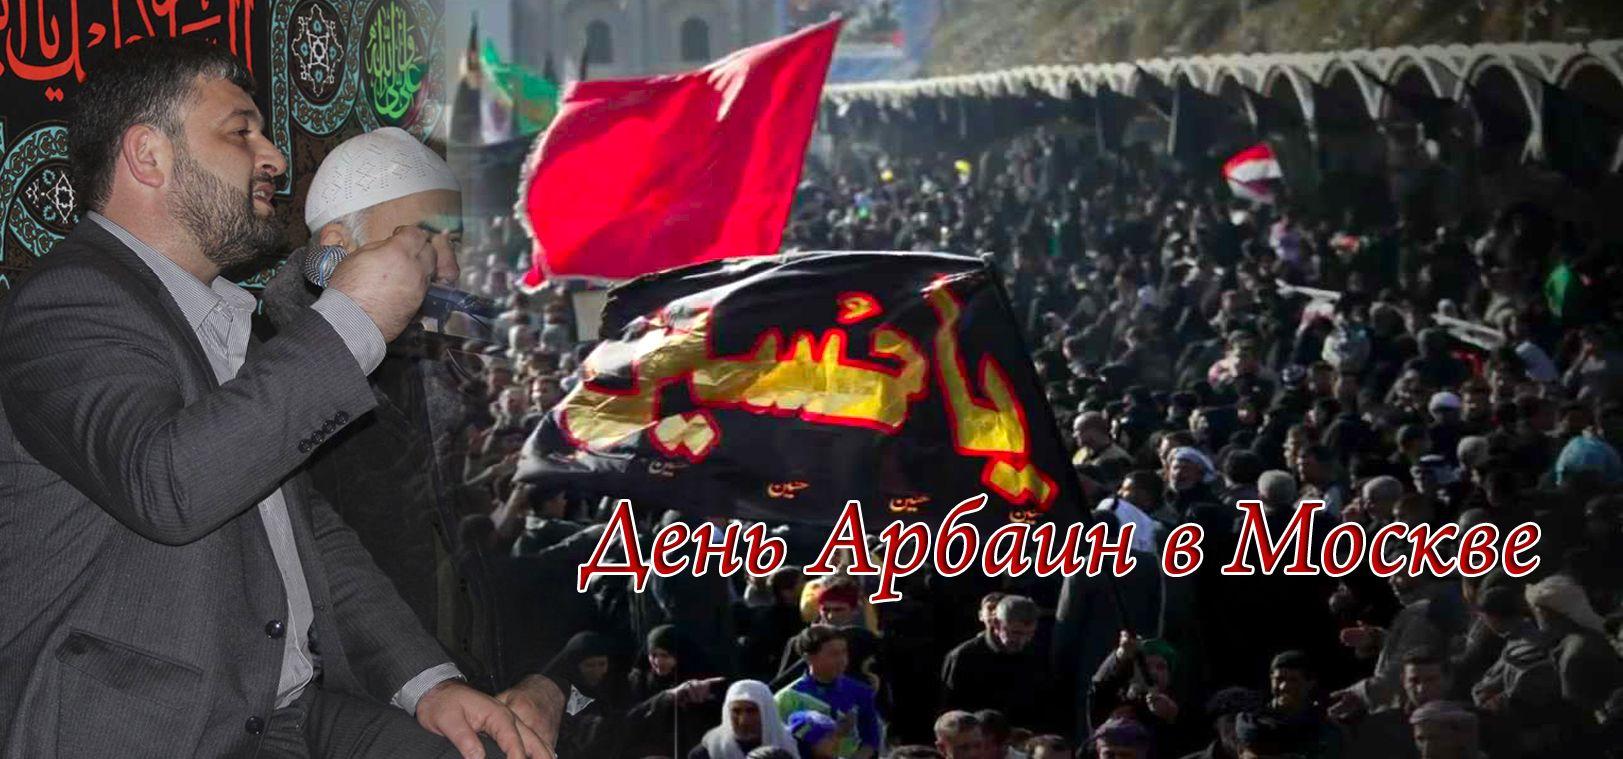 Azeri Sahar Tv | День Арбаин - сороковой день мученической смерти Хусейна  в Москве и Санкт-Петербурге 2014 |